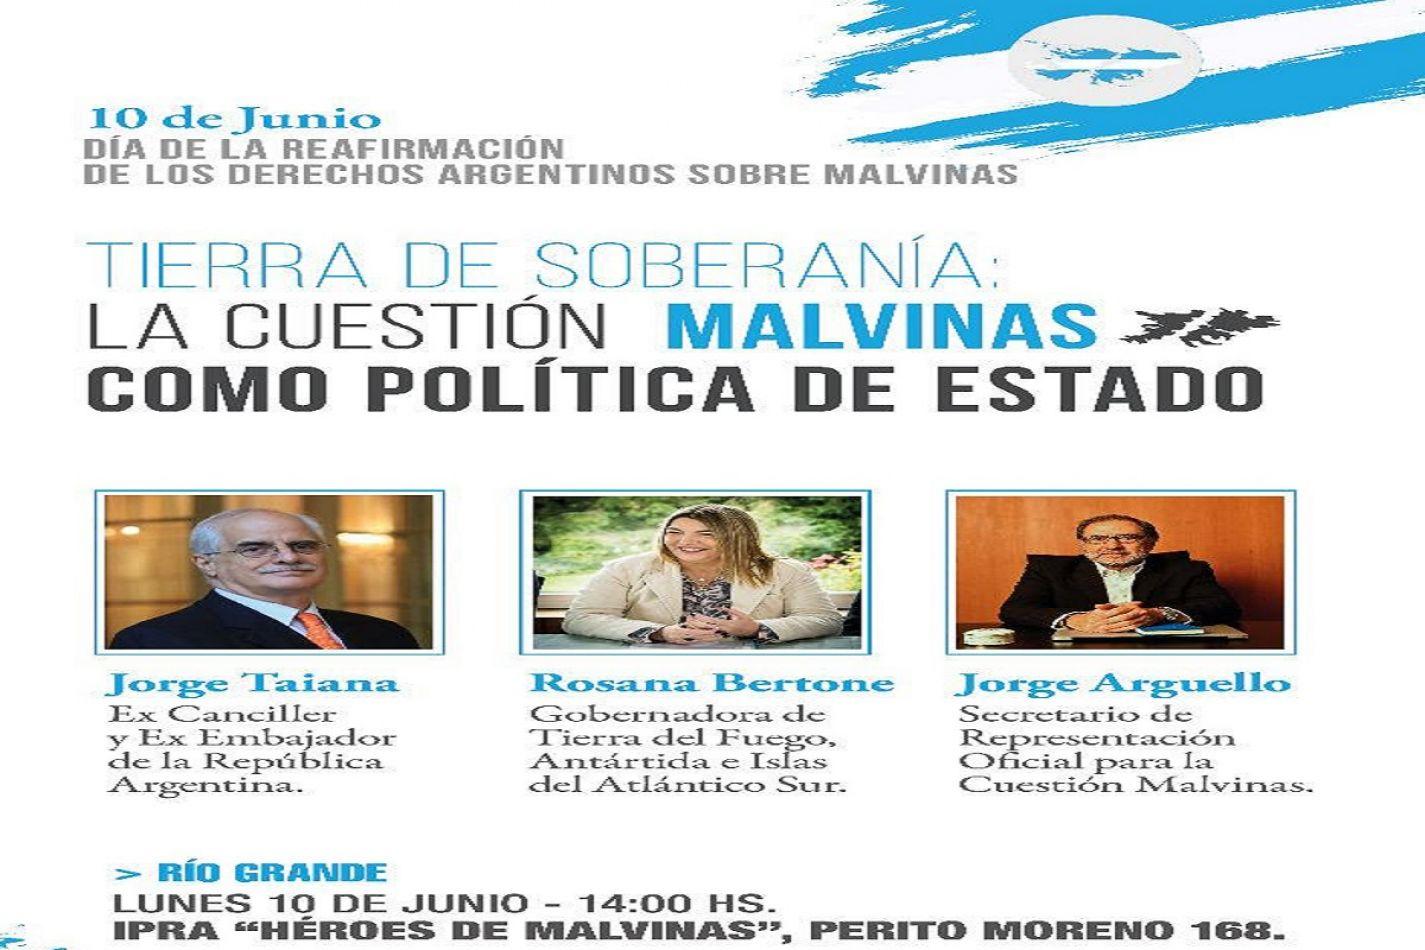 La Cuestión Malvinas como Política de Estado